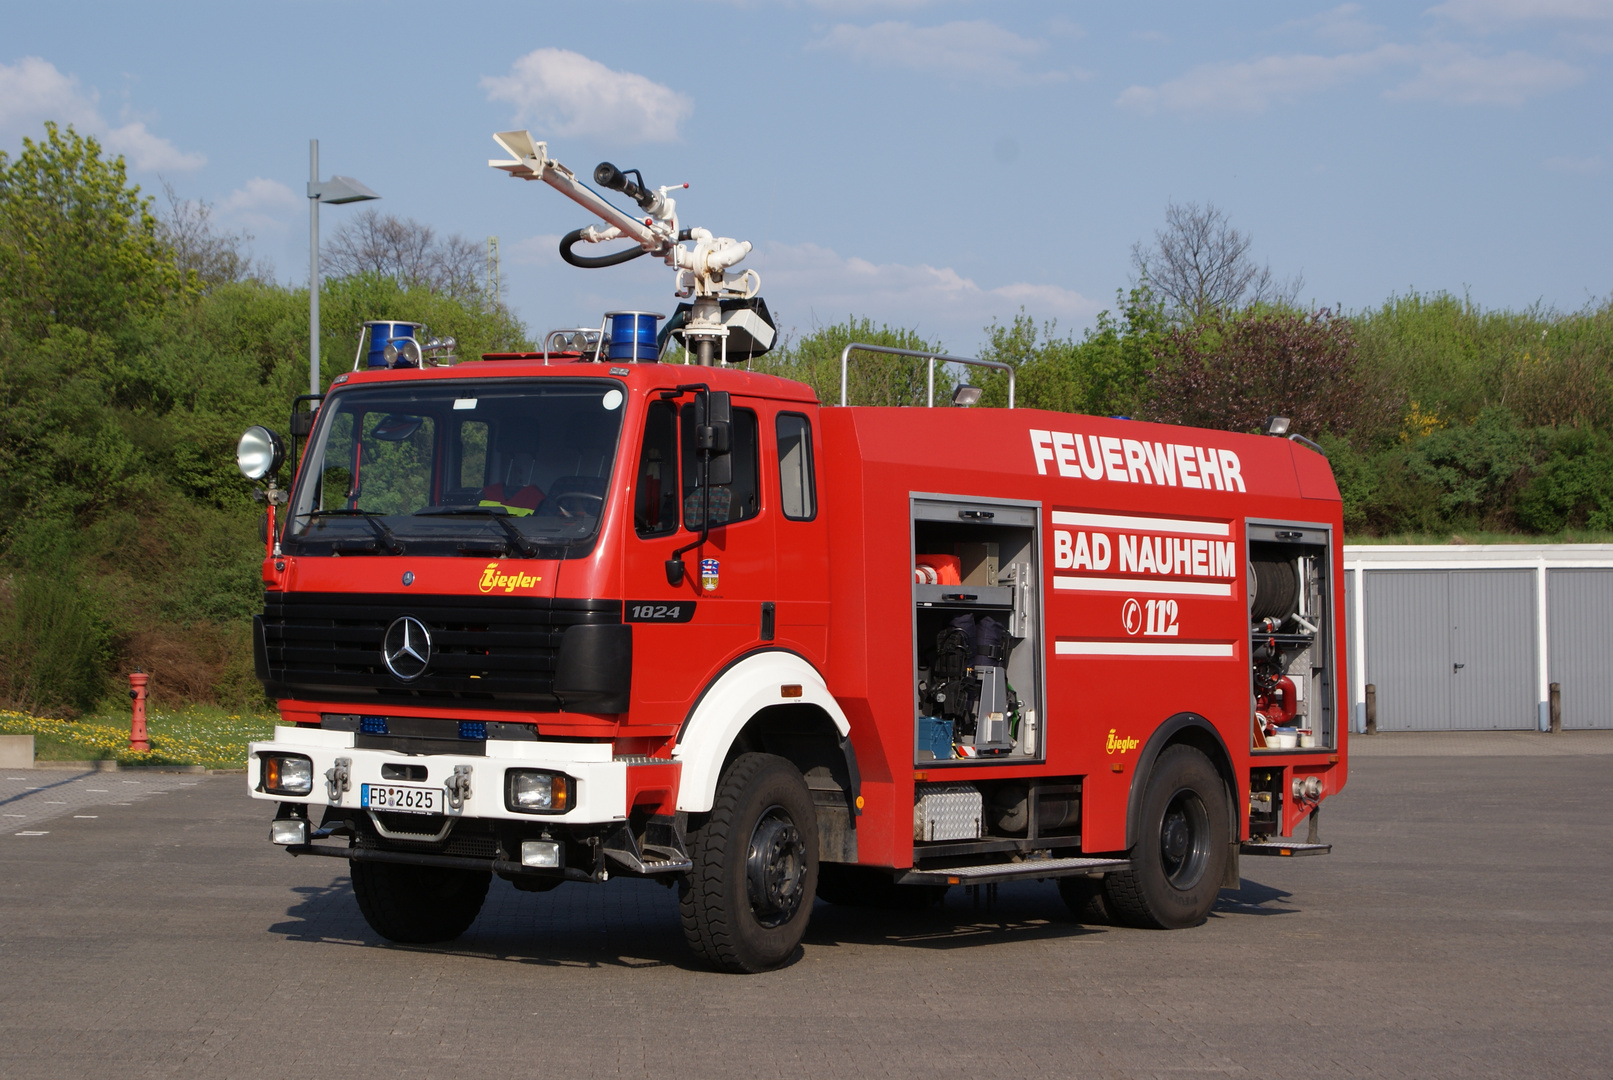 Feuerwehr ein bisschen anderst .